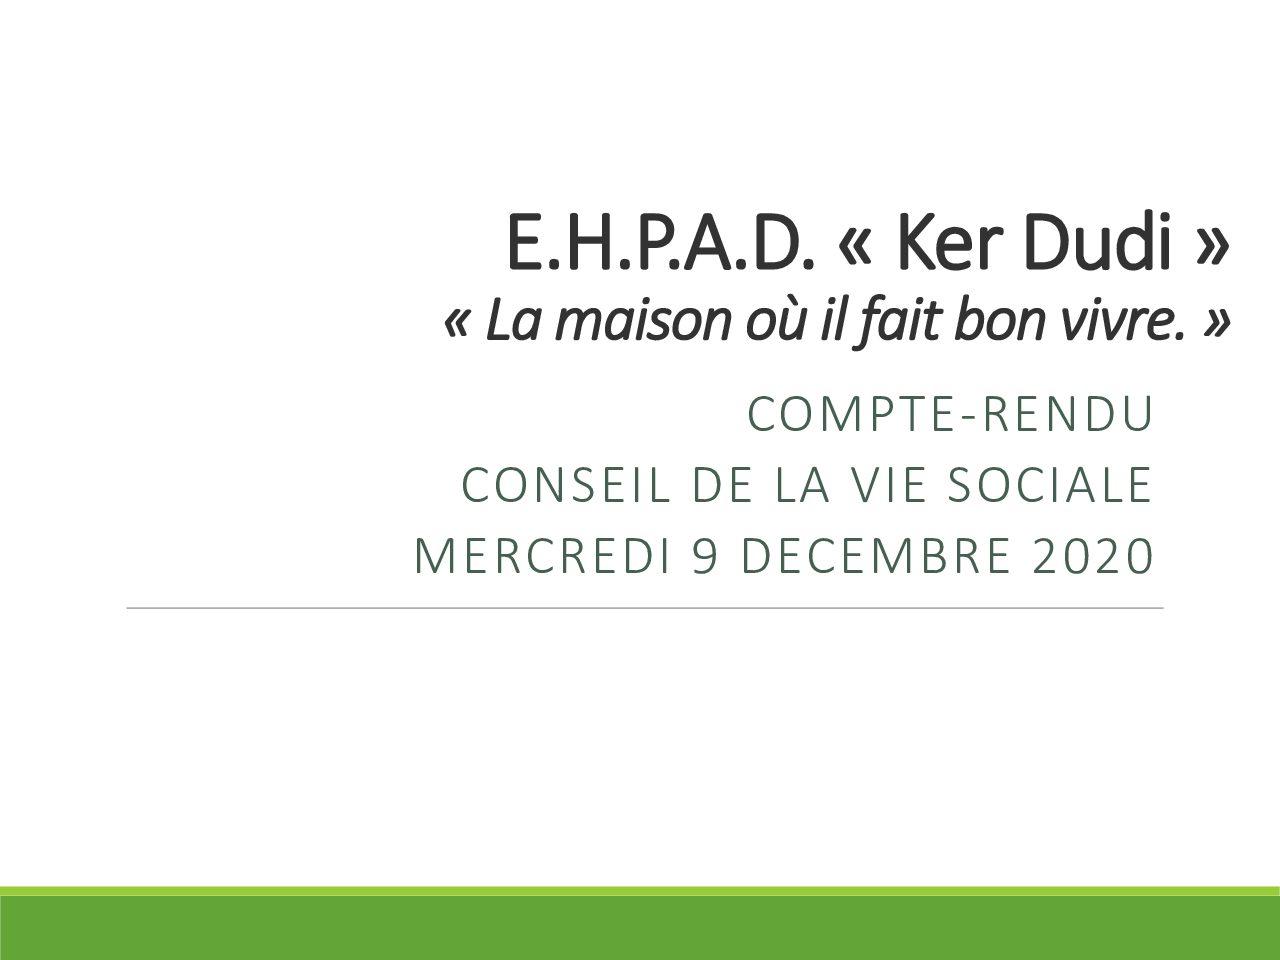 Compte-rendu Conseil de la Vie Sociale du 09/12/2020